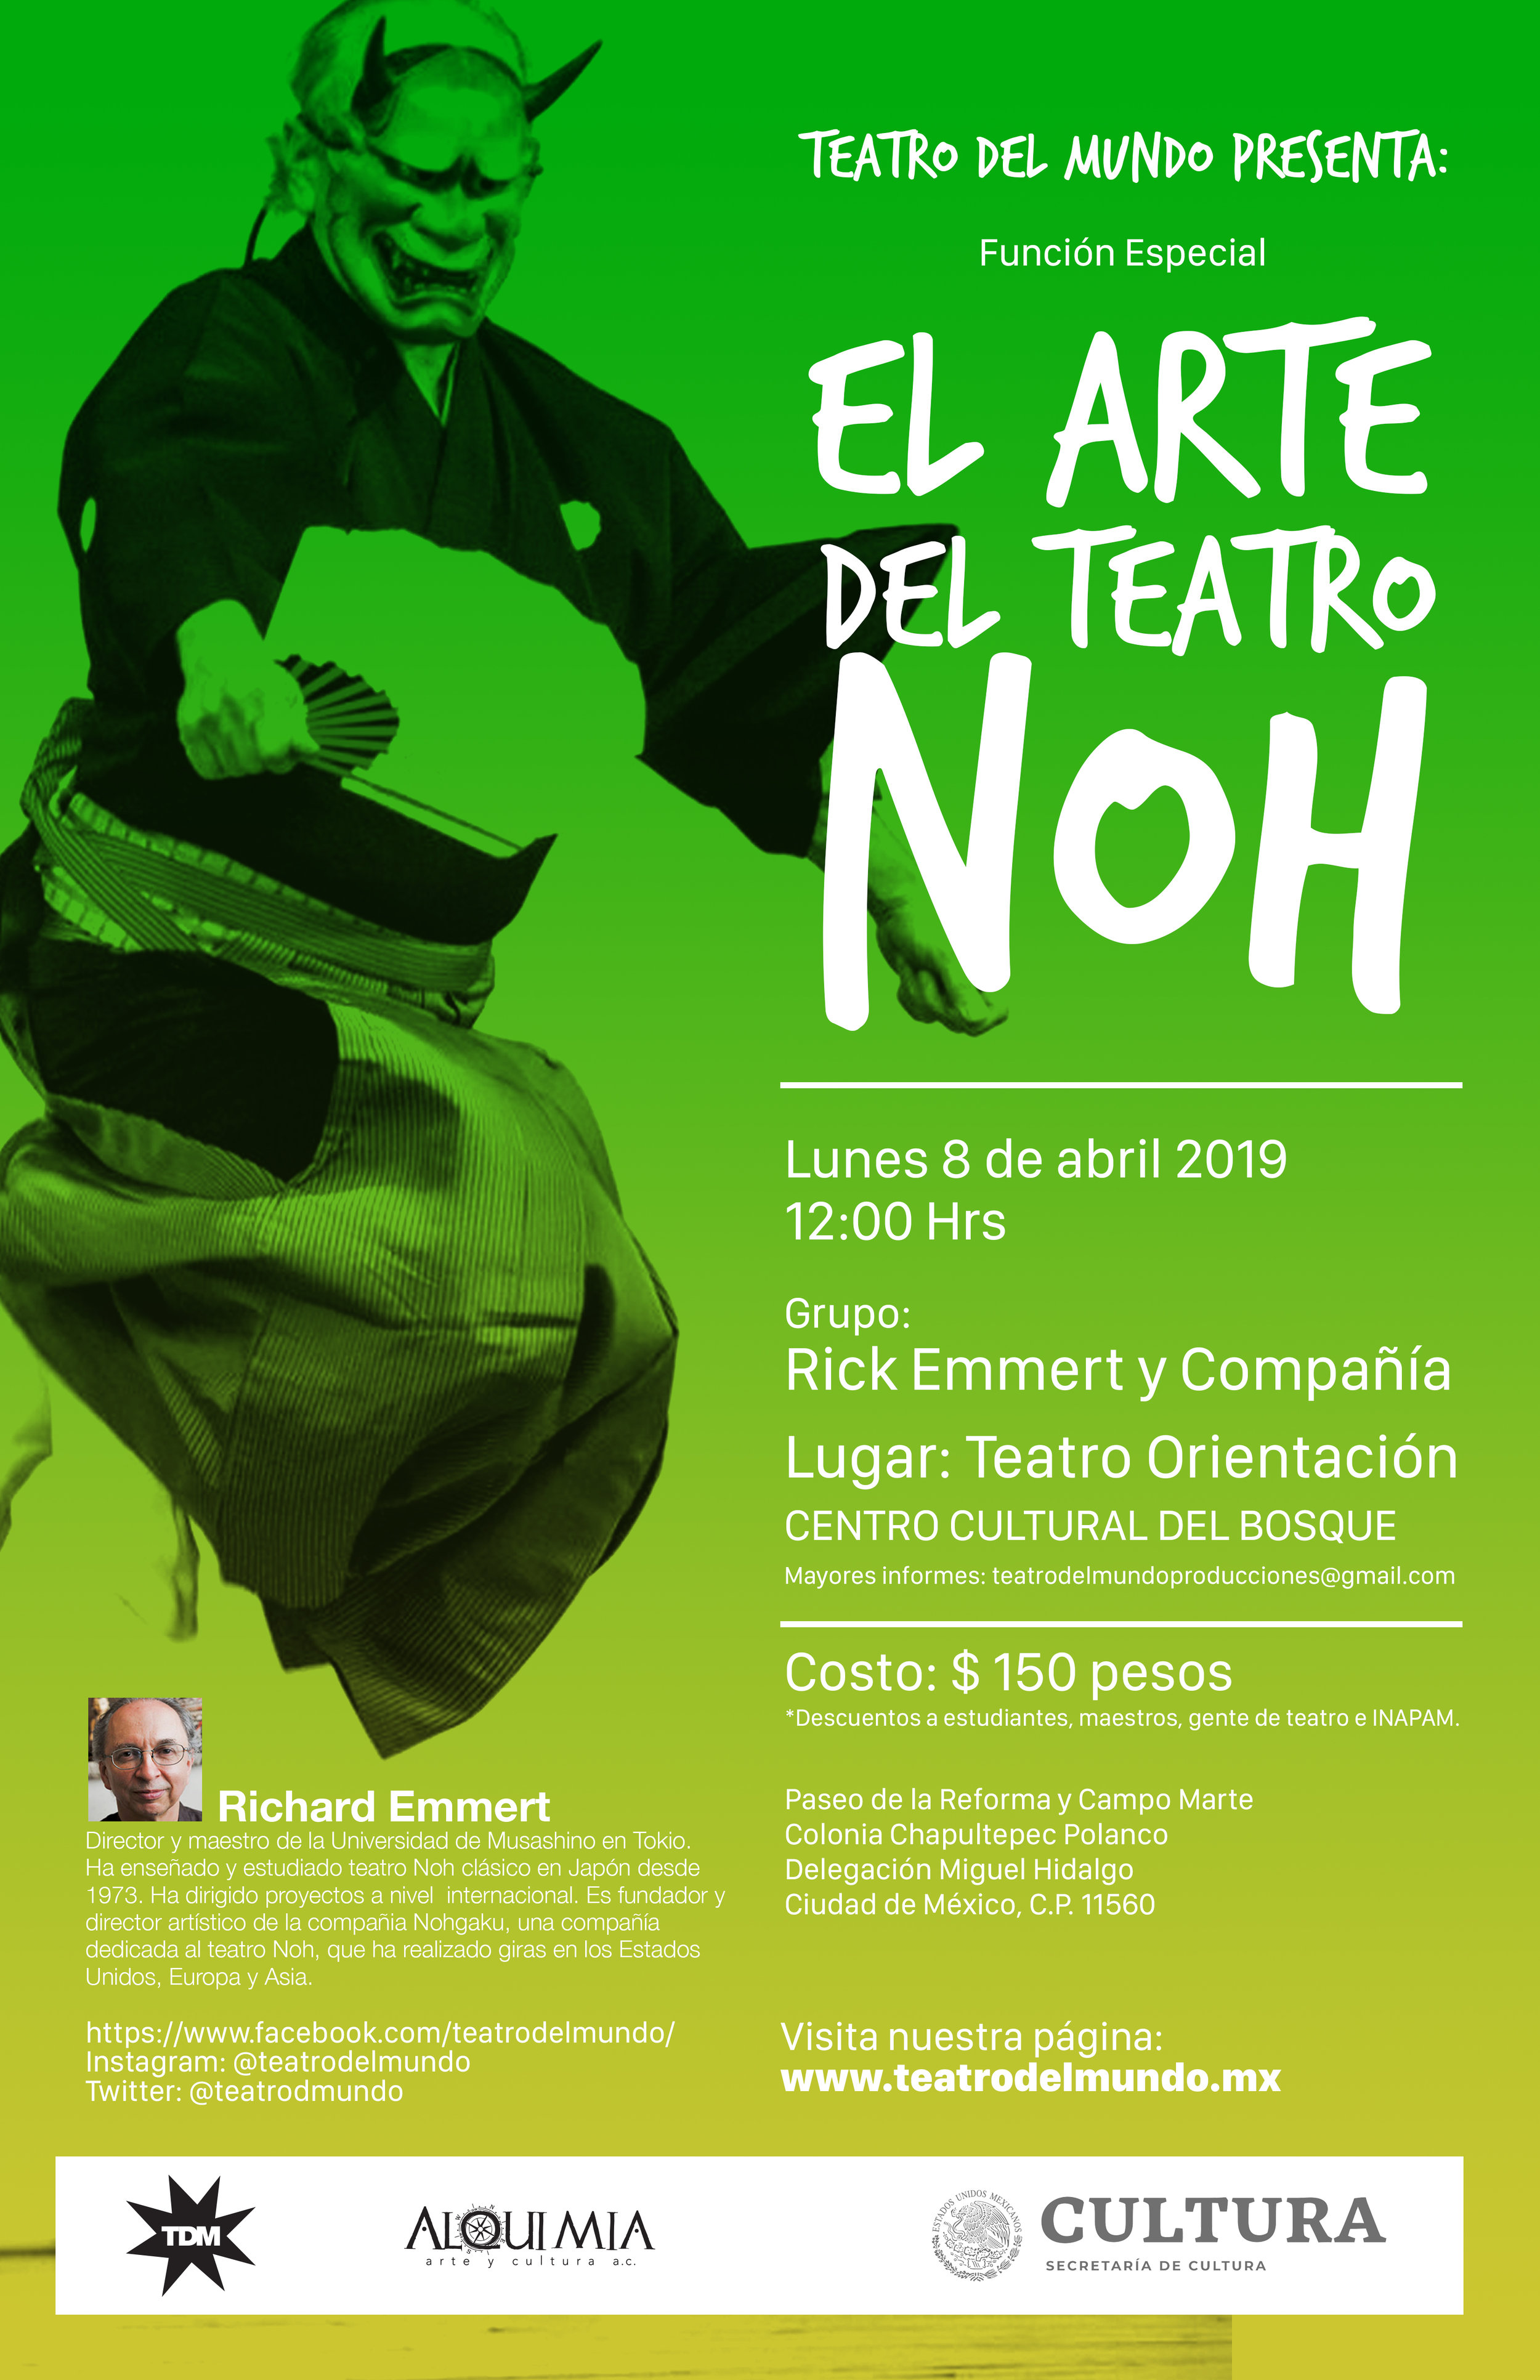 Teatro Orientacion2 (1).jpg